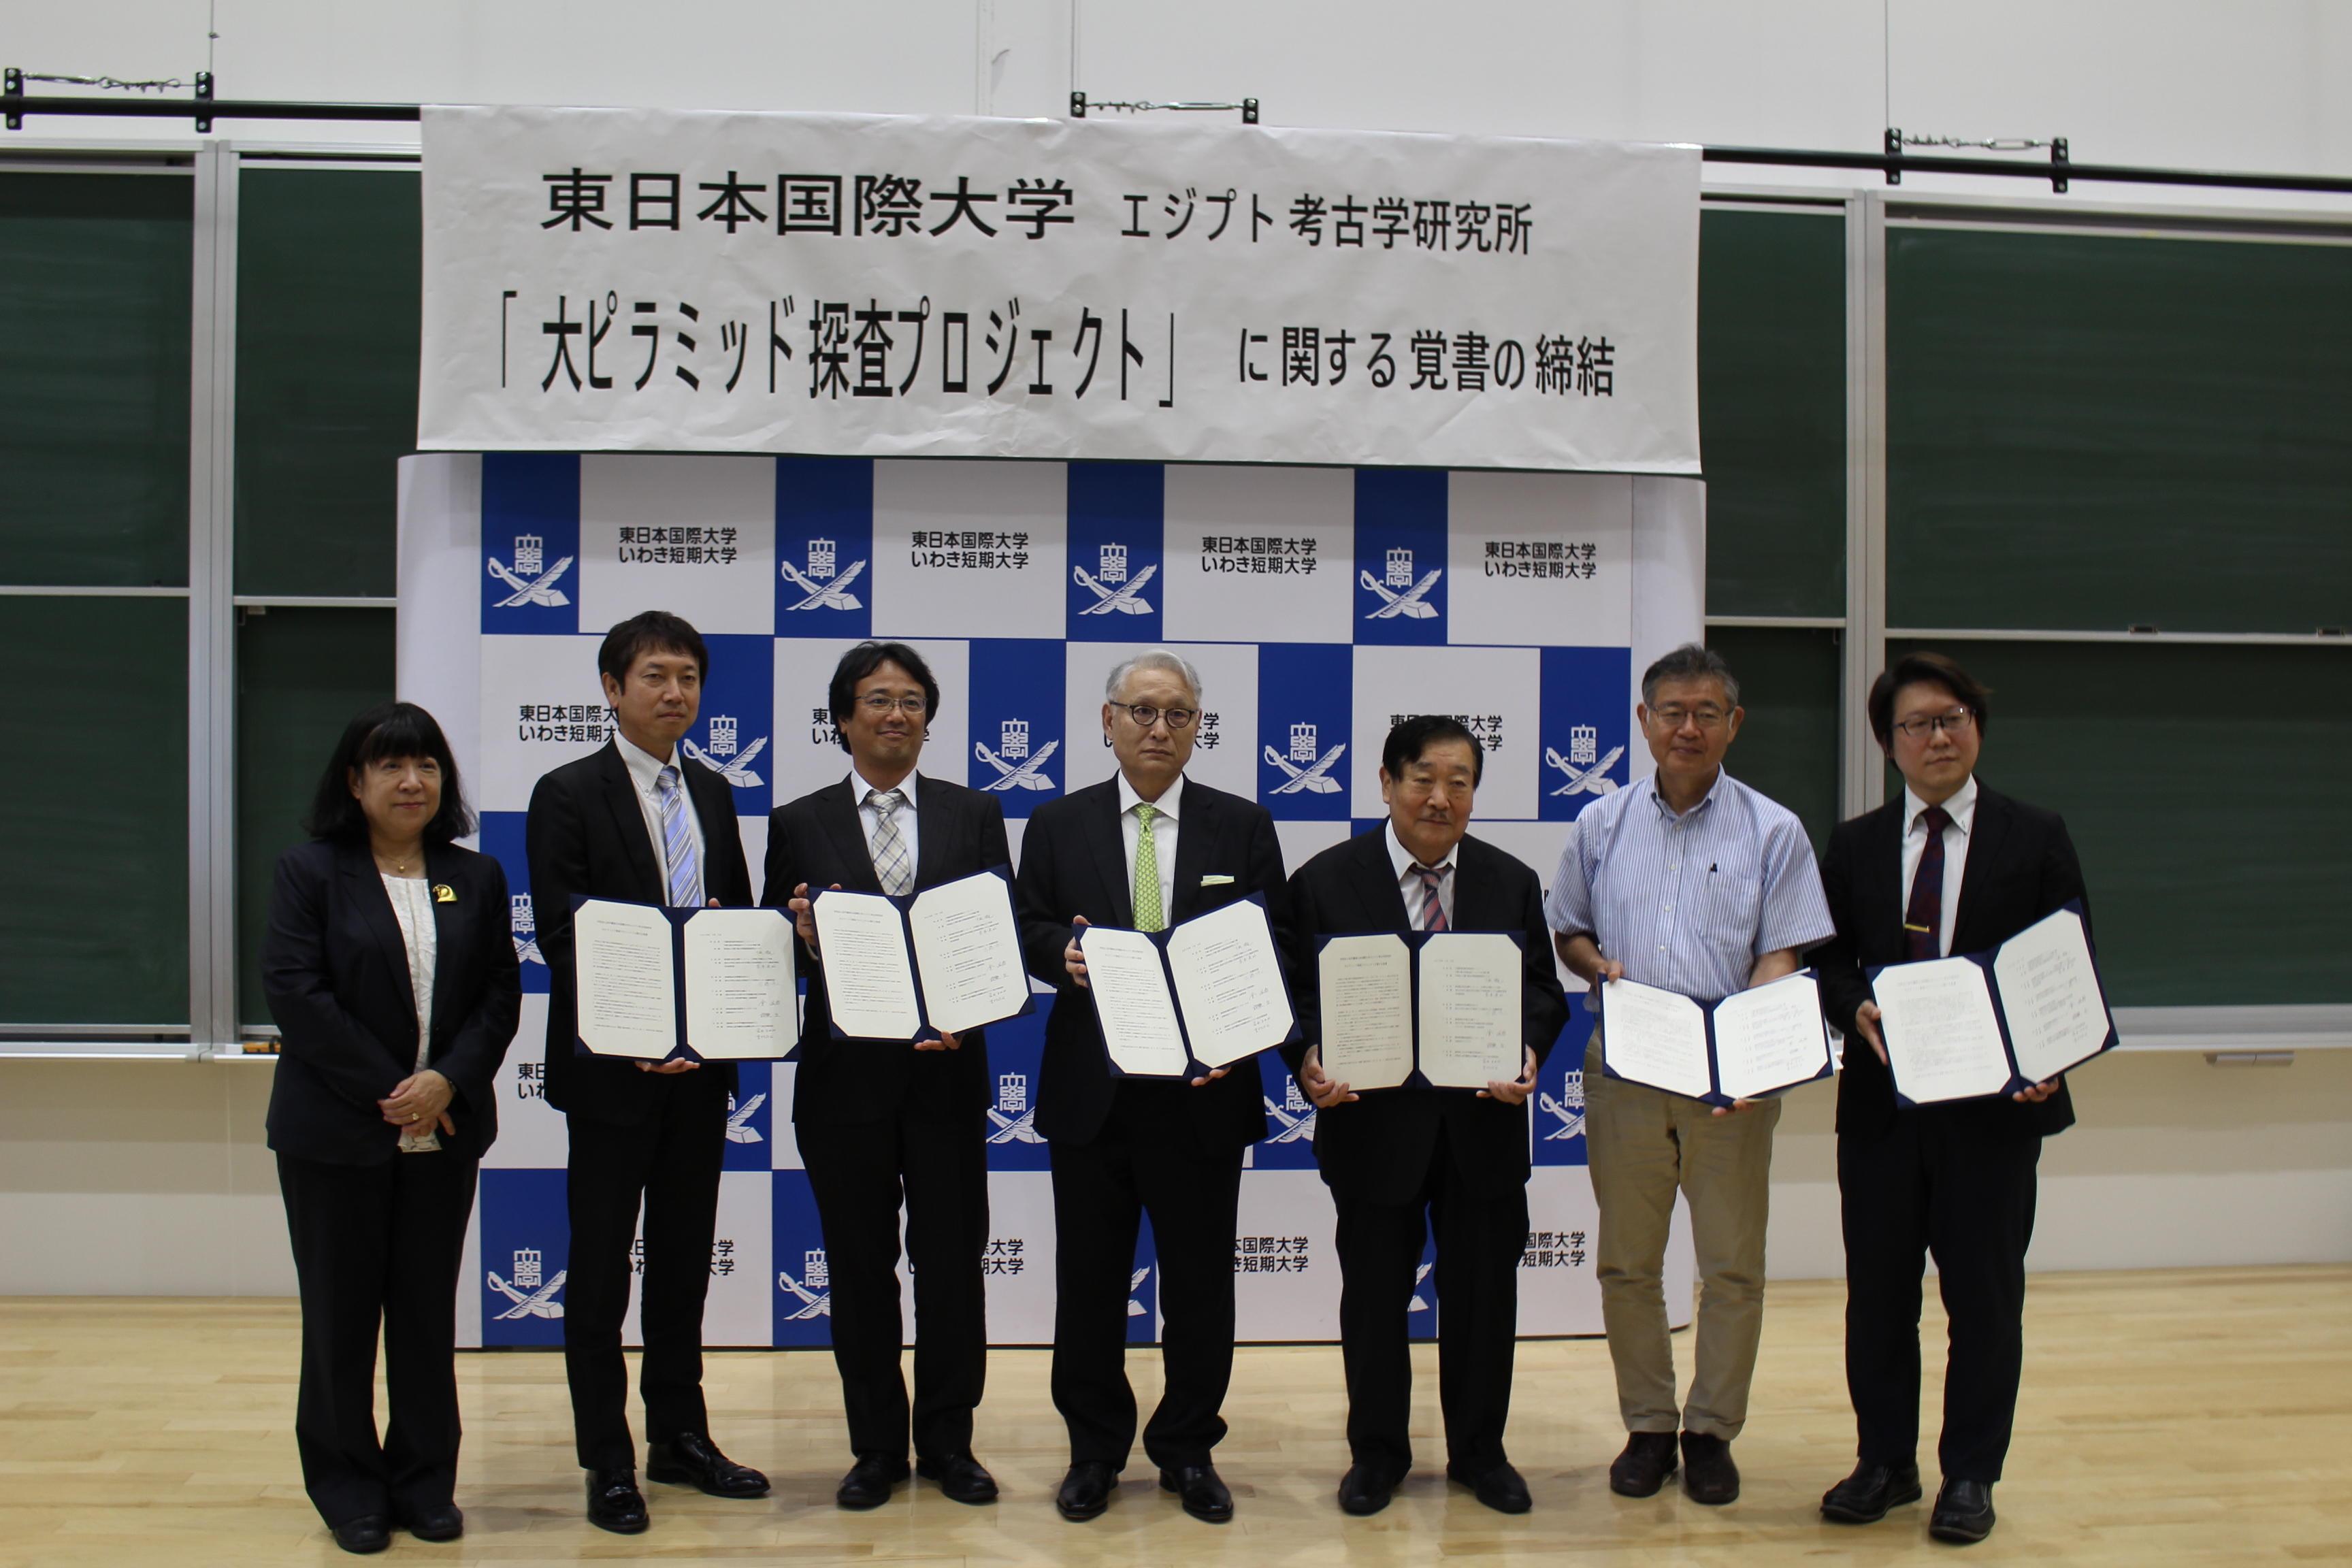 東日本国際大学エジプト考古学研究所が「大ピラミッド探査プロジェクト」の記者発表と研究発表会を開催 -- 東京大学など4大学の研究室・研究センターなどと連携